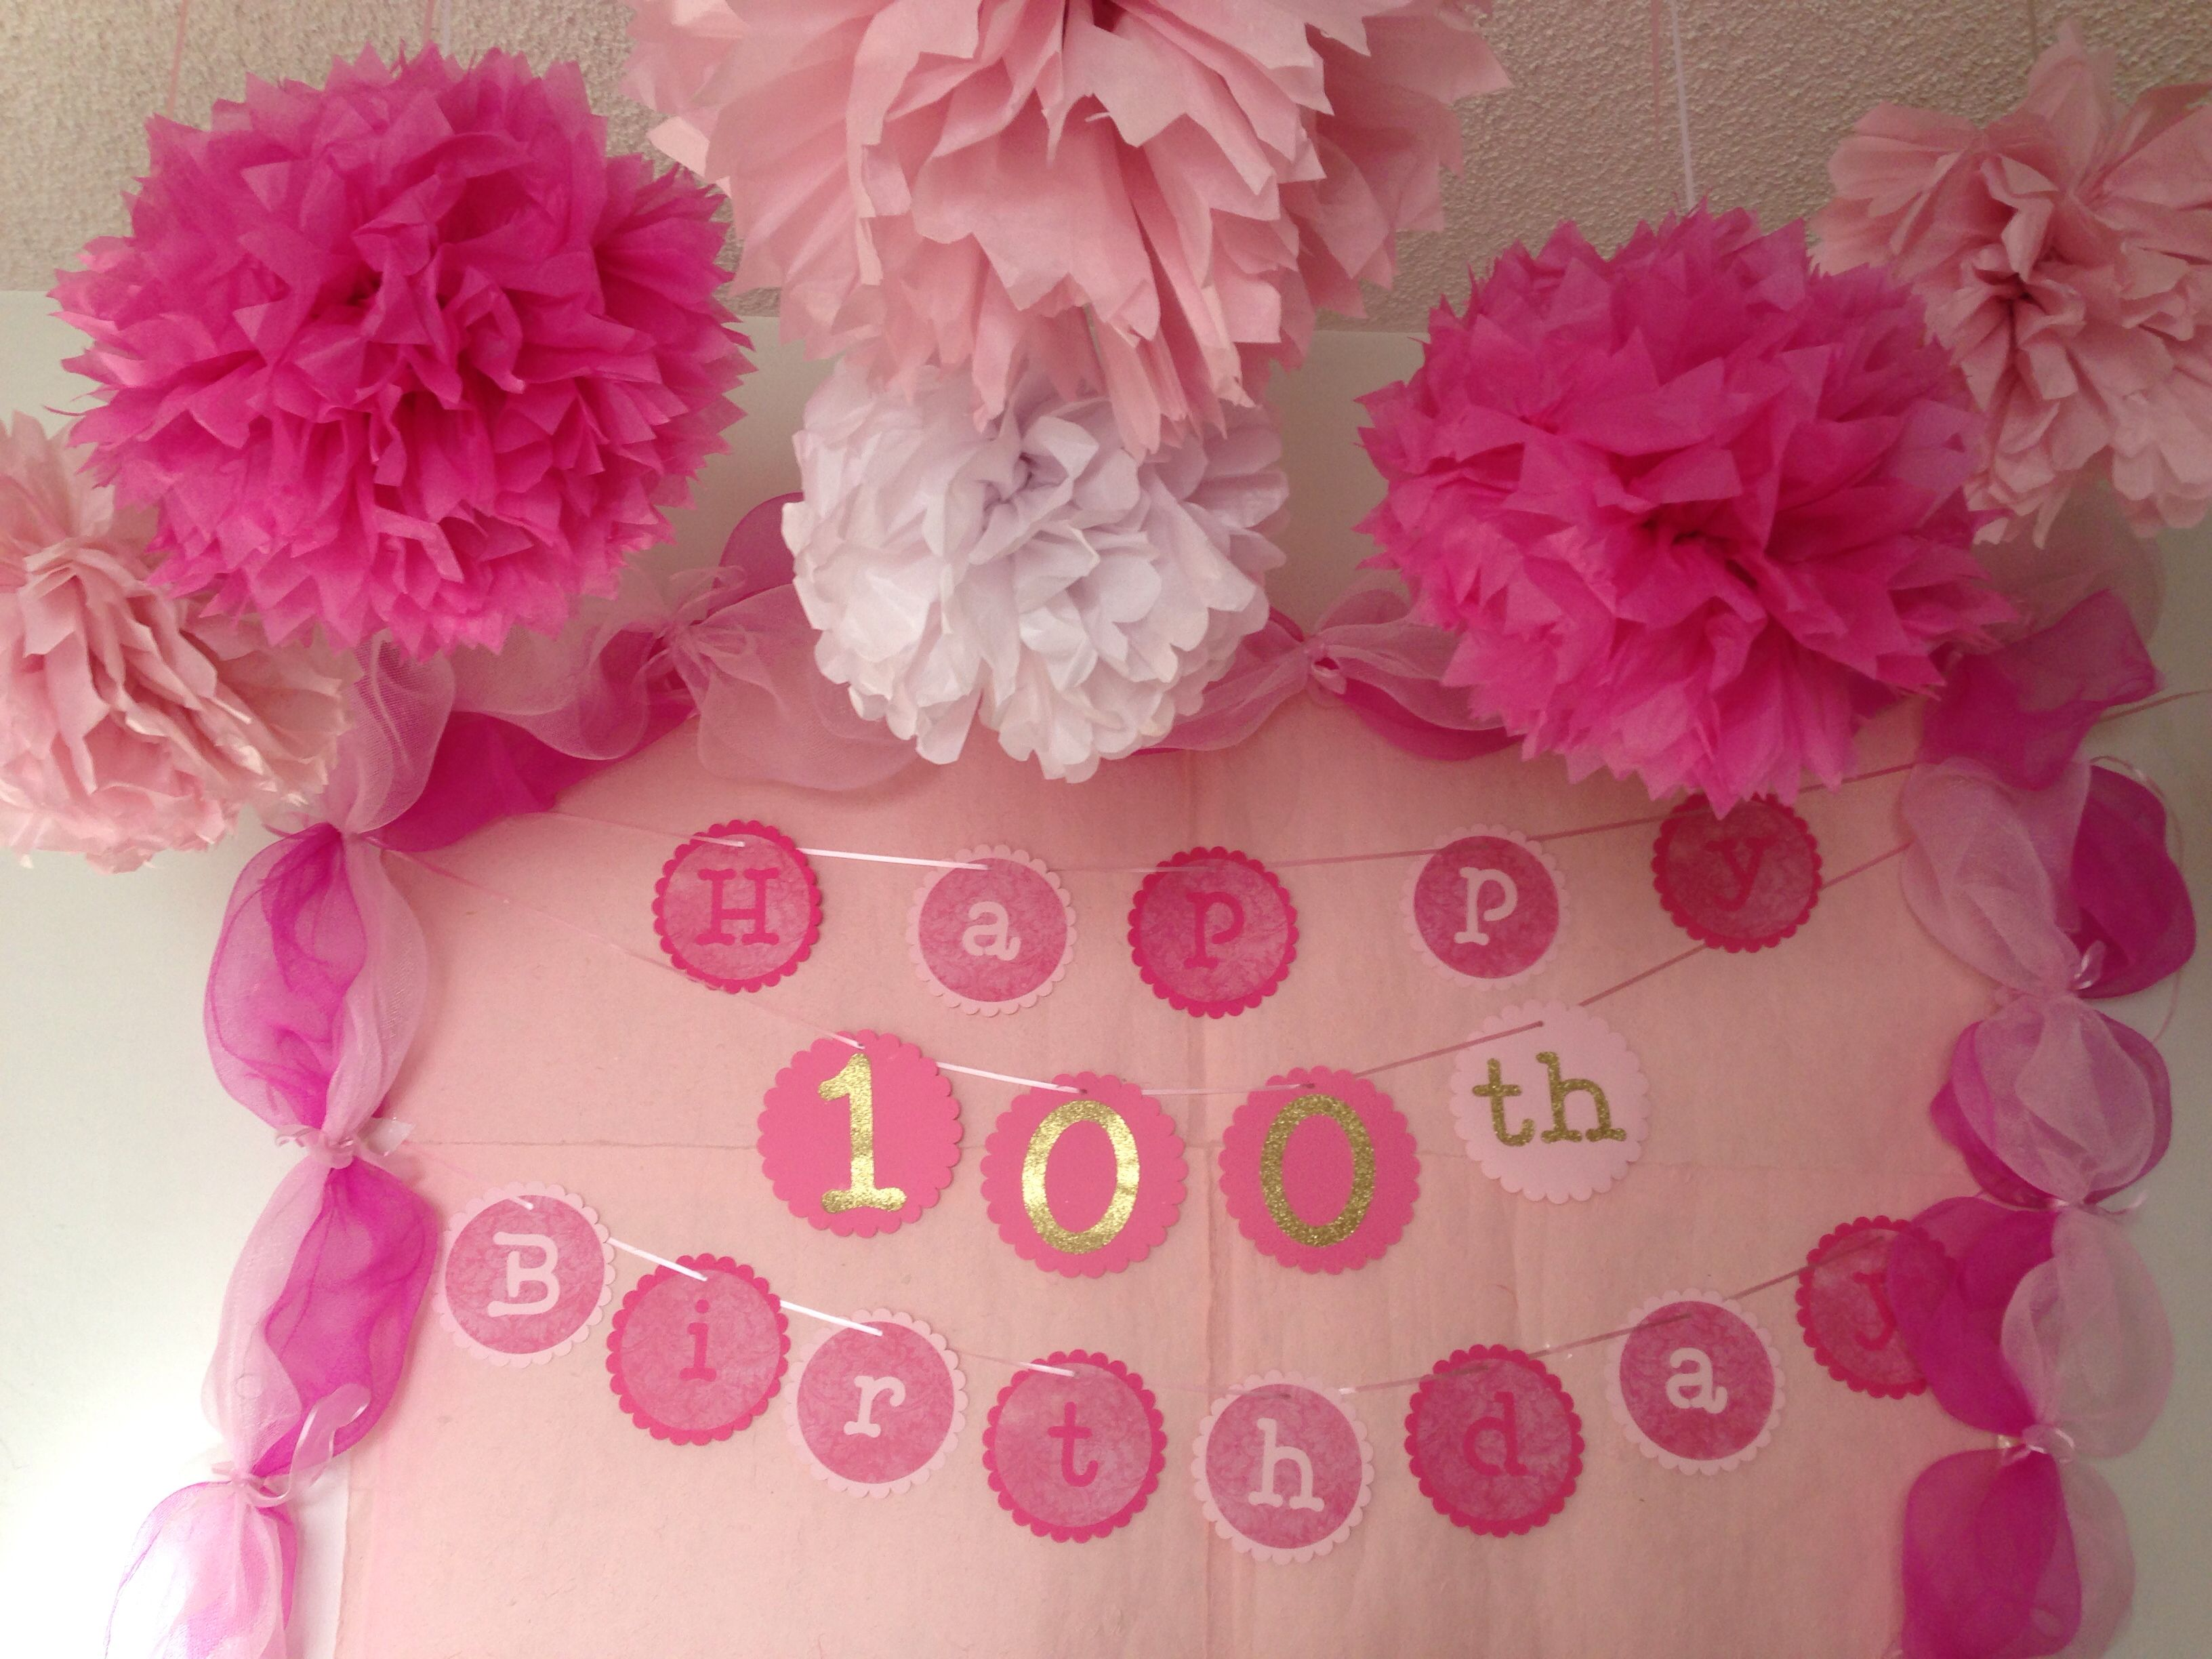 Grandma 39 s 100th birthday decoration bubba 39 s 90th party for 100th birthday decoration ideas